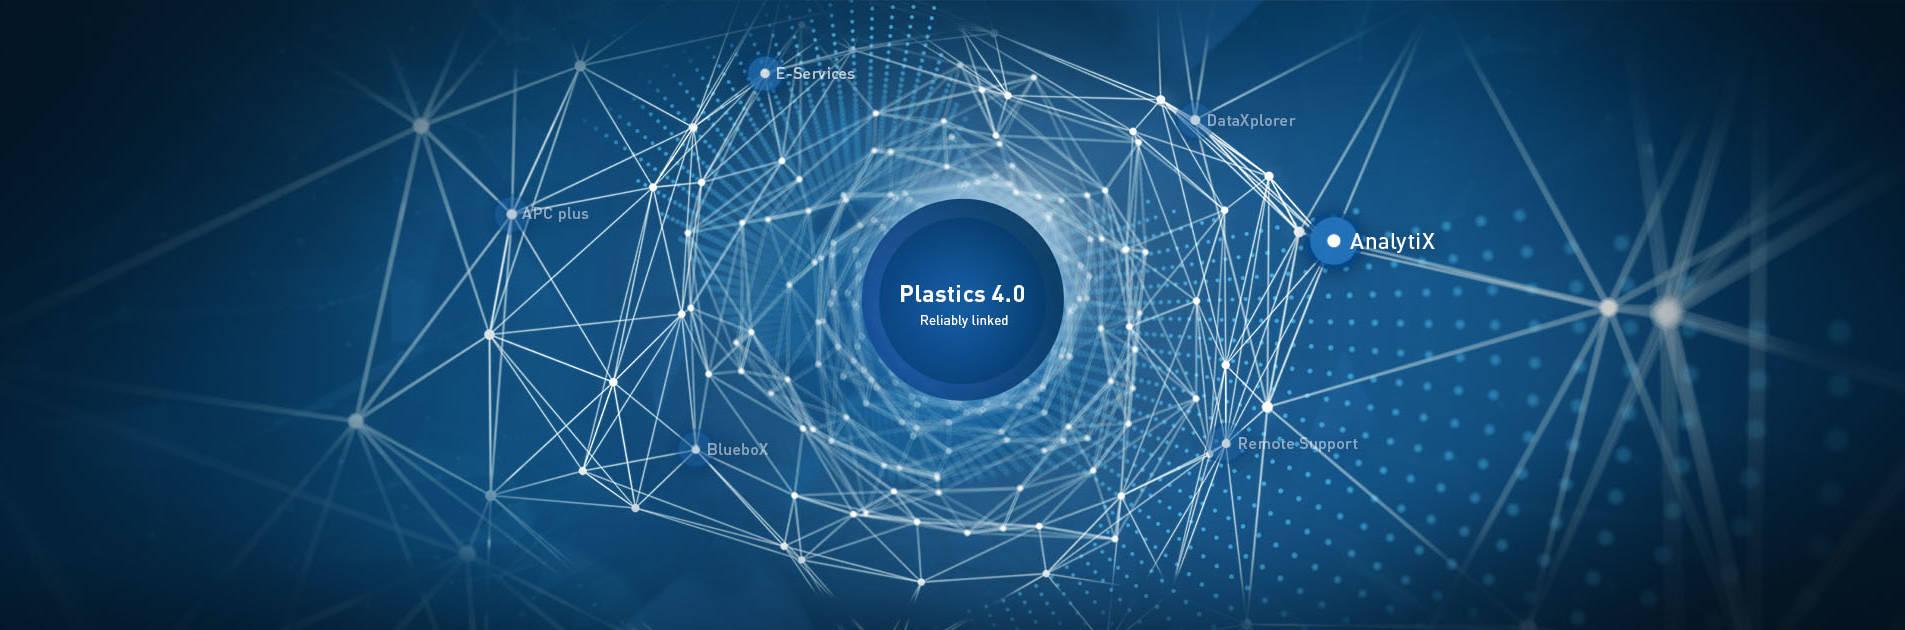 Plastics 4.0: AnalytiX geht an den Start